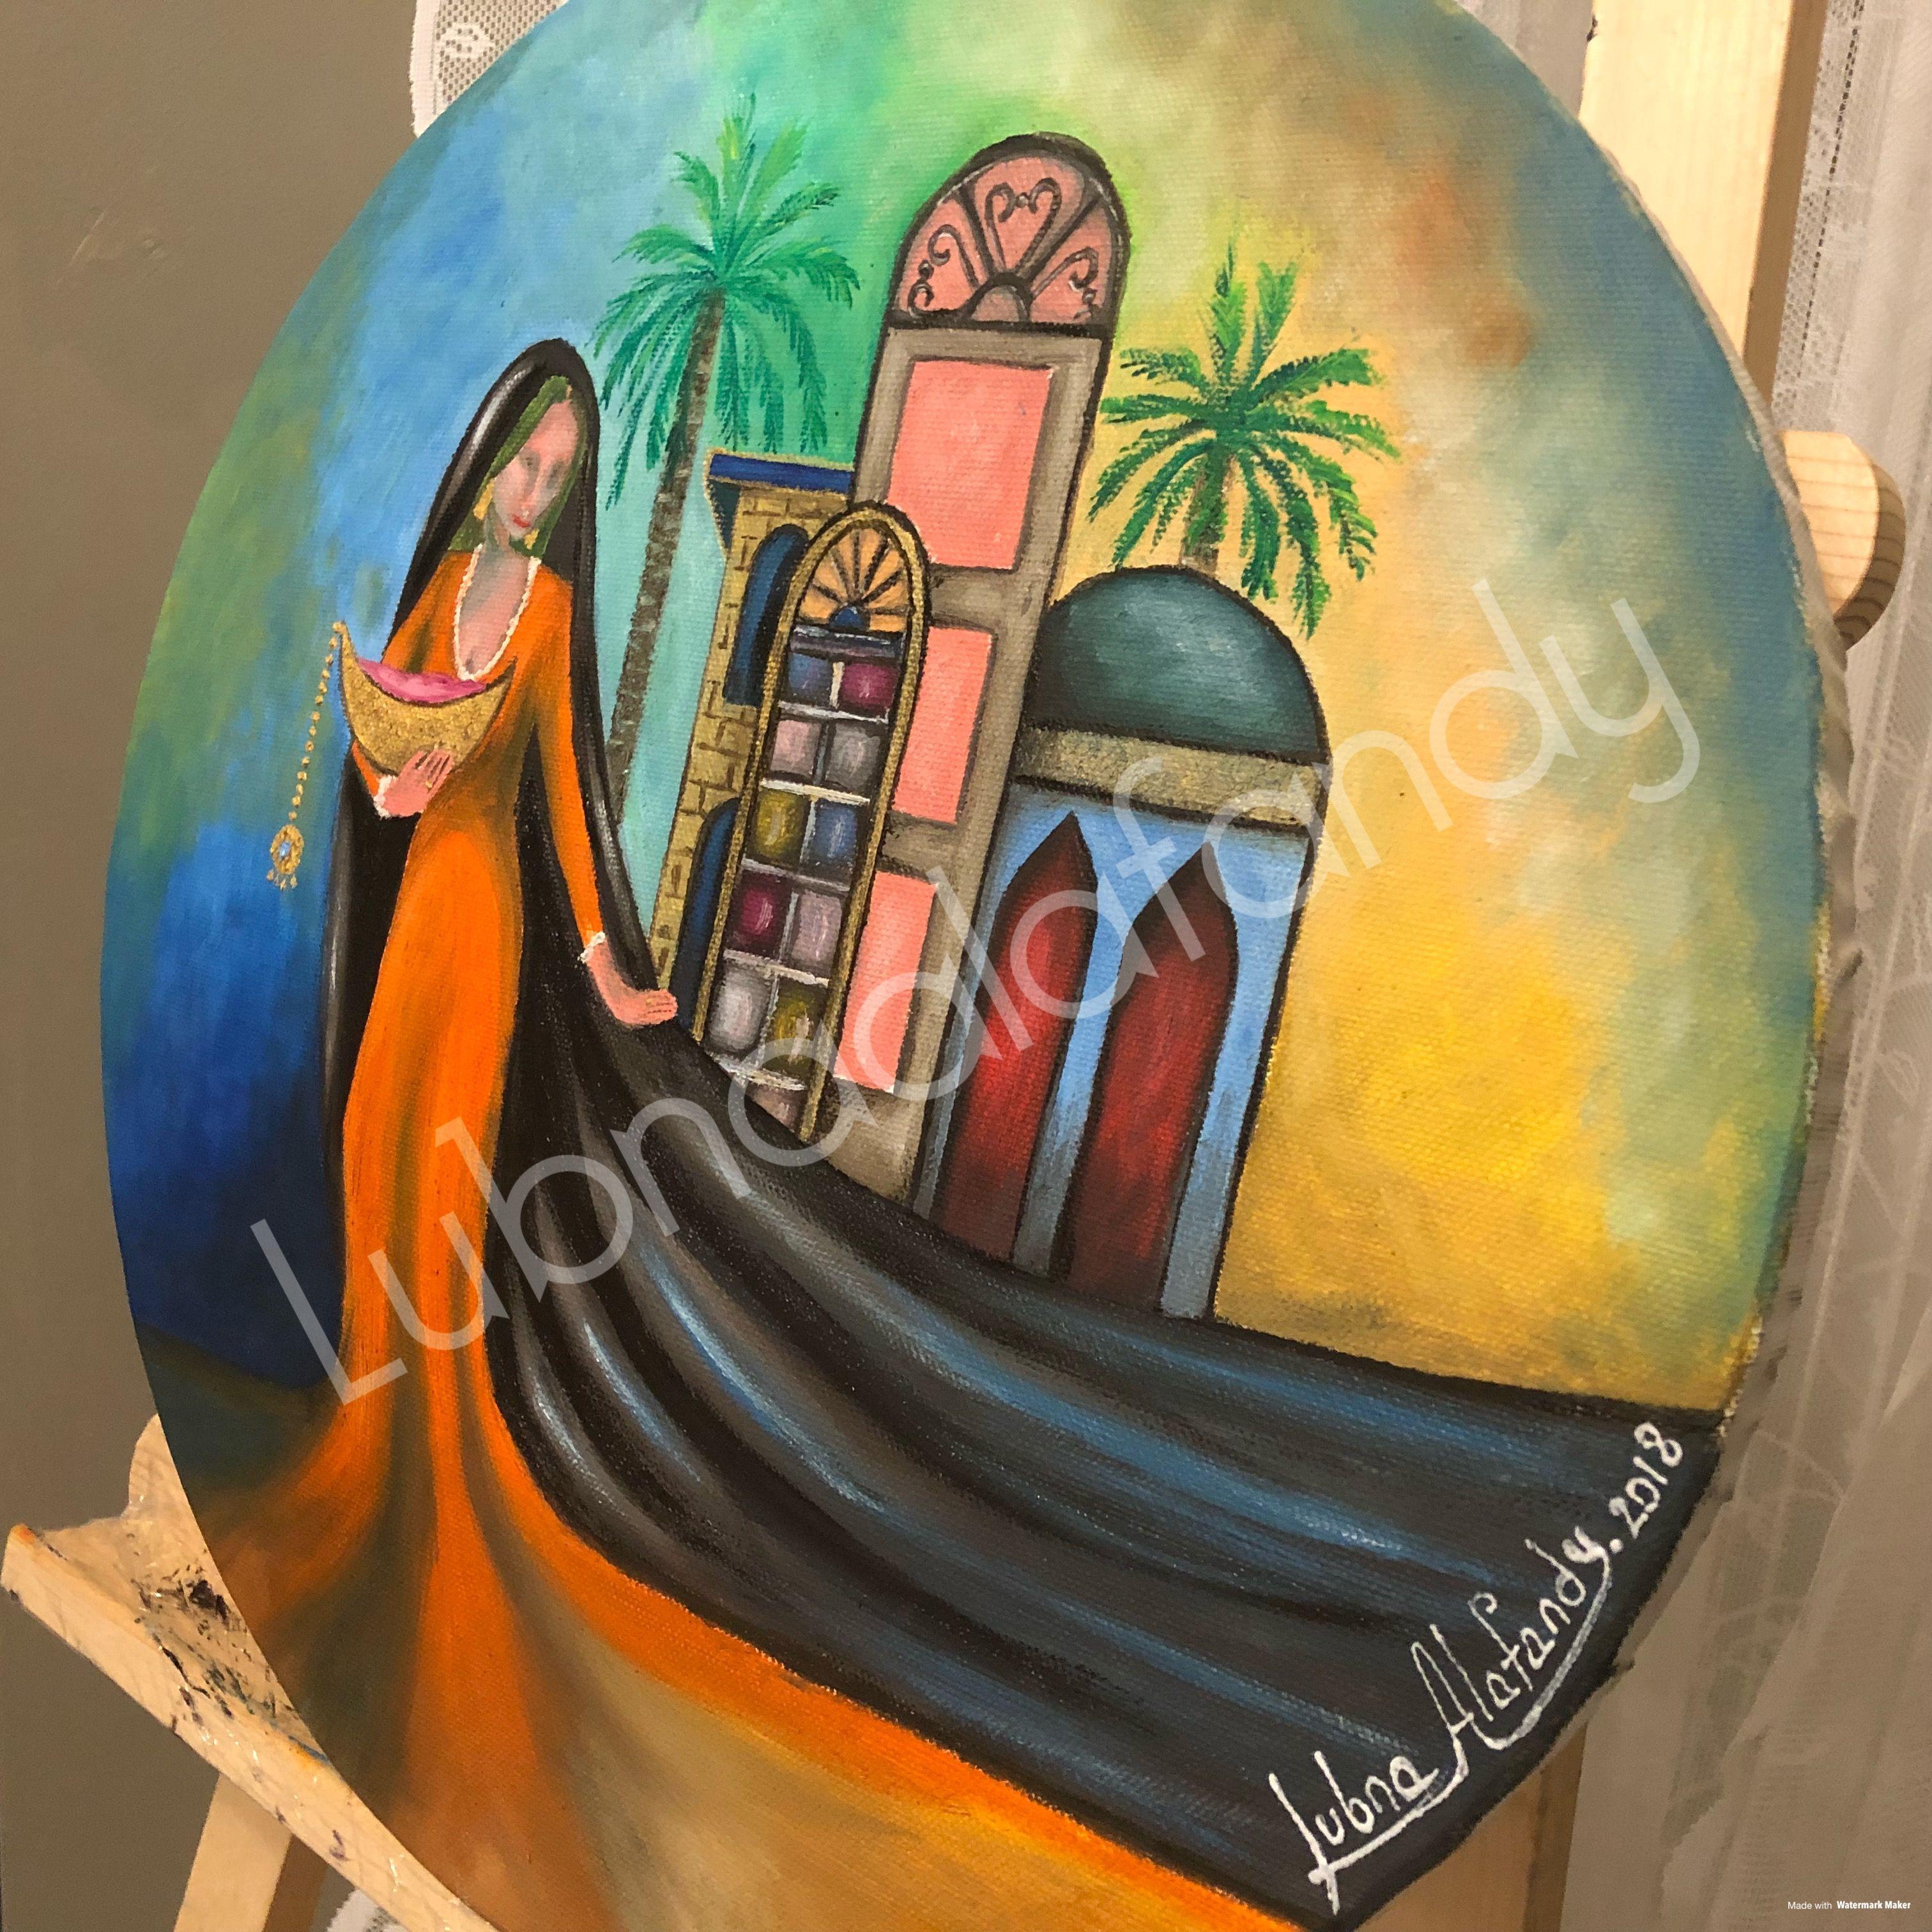 لبنى الافندي زيت على كانفاس رسم الوان فن تشكيليون فن عراقي تراث تراث عراقي شناشيل Egyptian Art Arabic Calligraphy Design Cute Coloring Pages